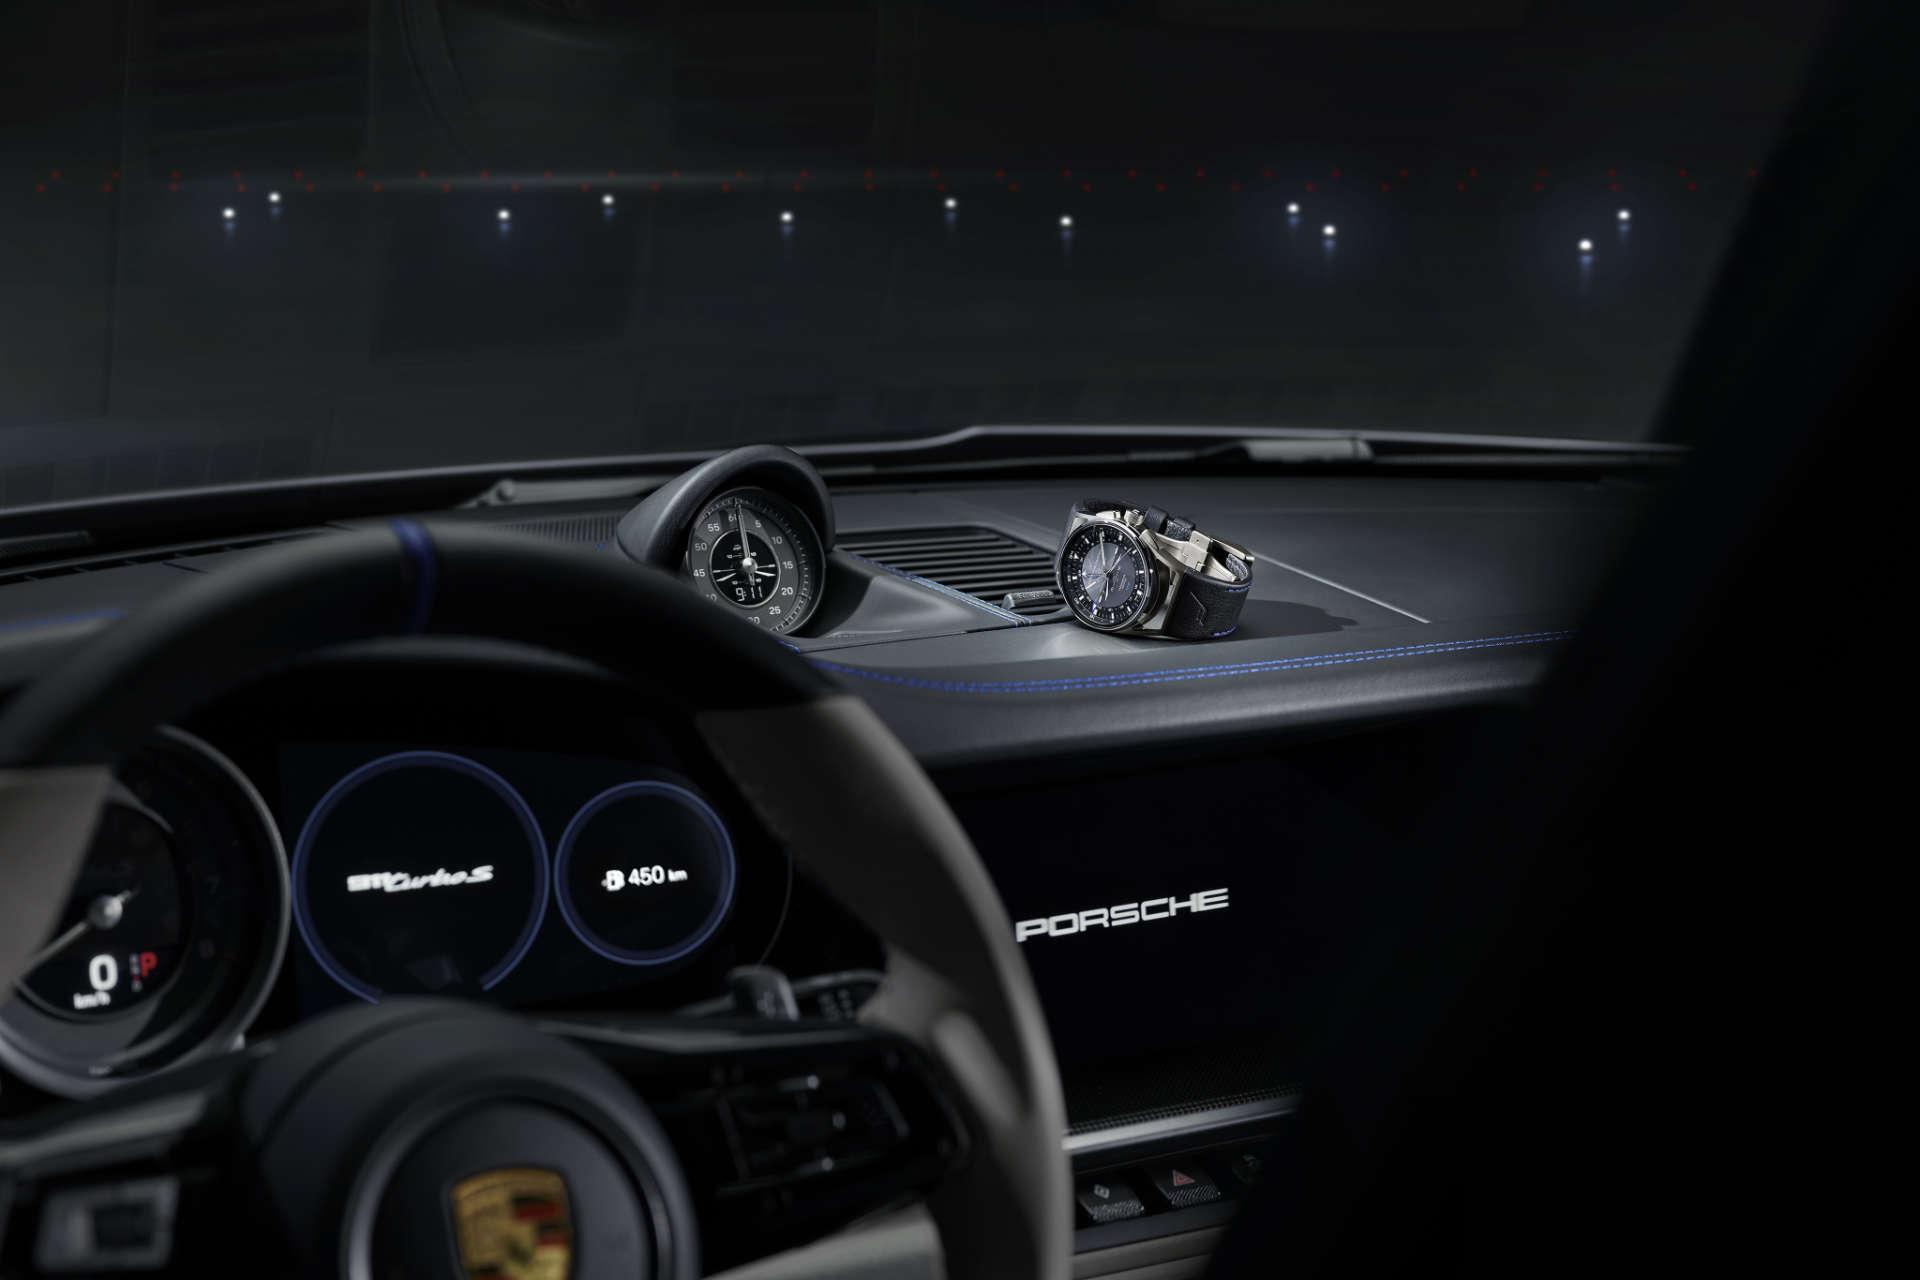 Porsche 911 Turbo Embraer